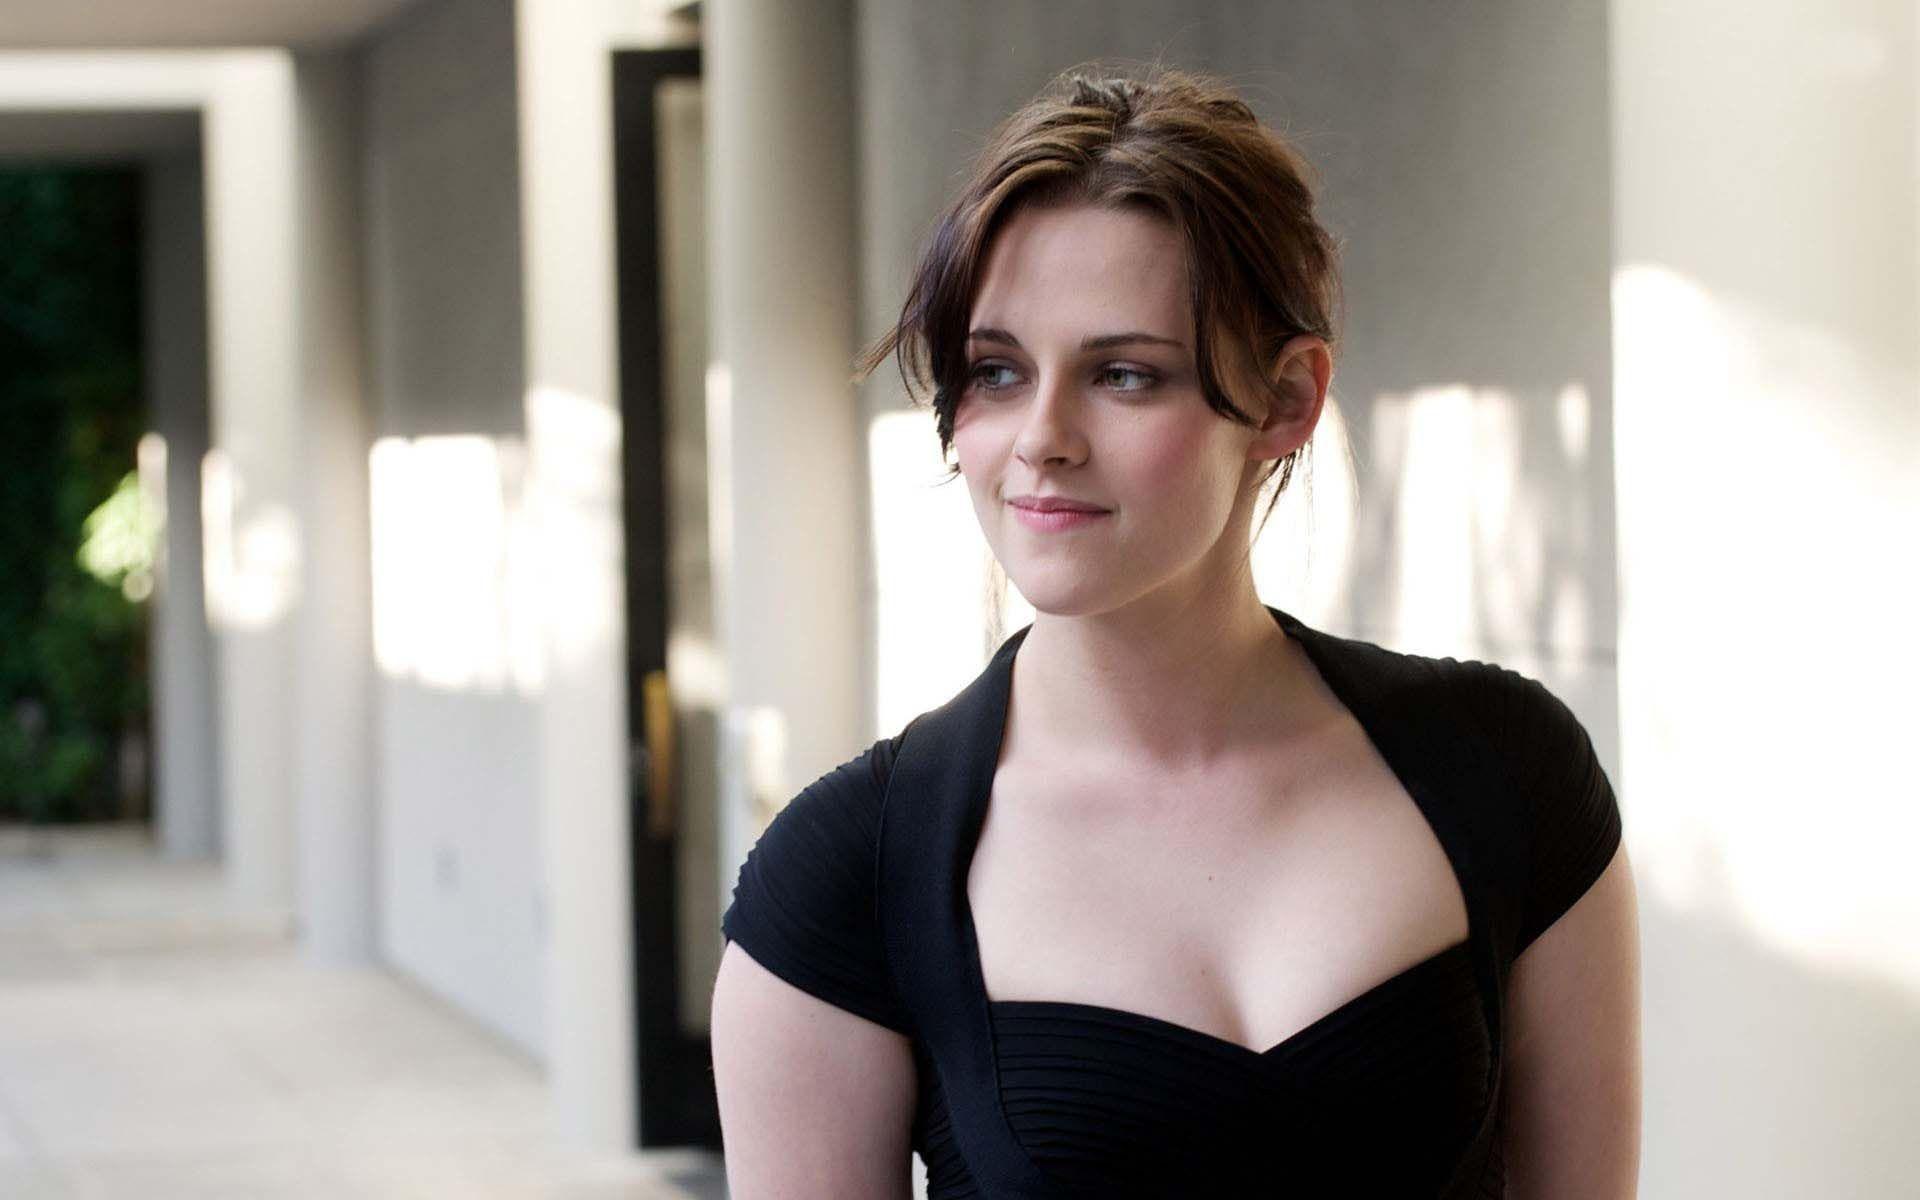 Hot boobs pic actress kristen stewart